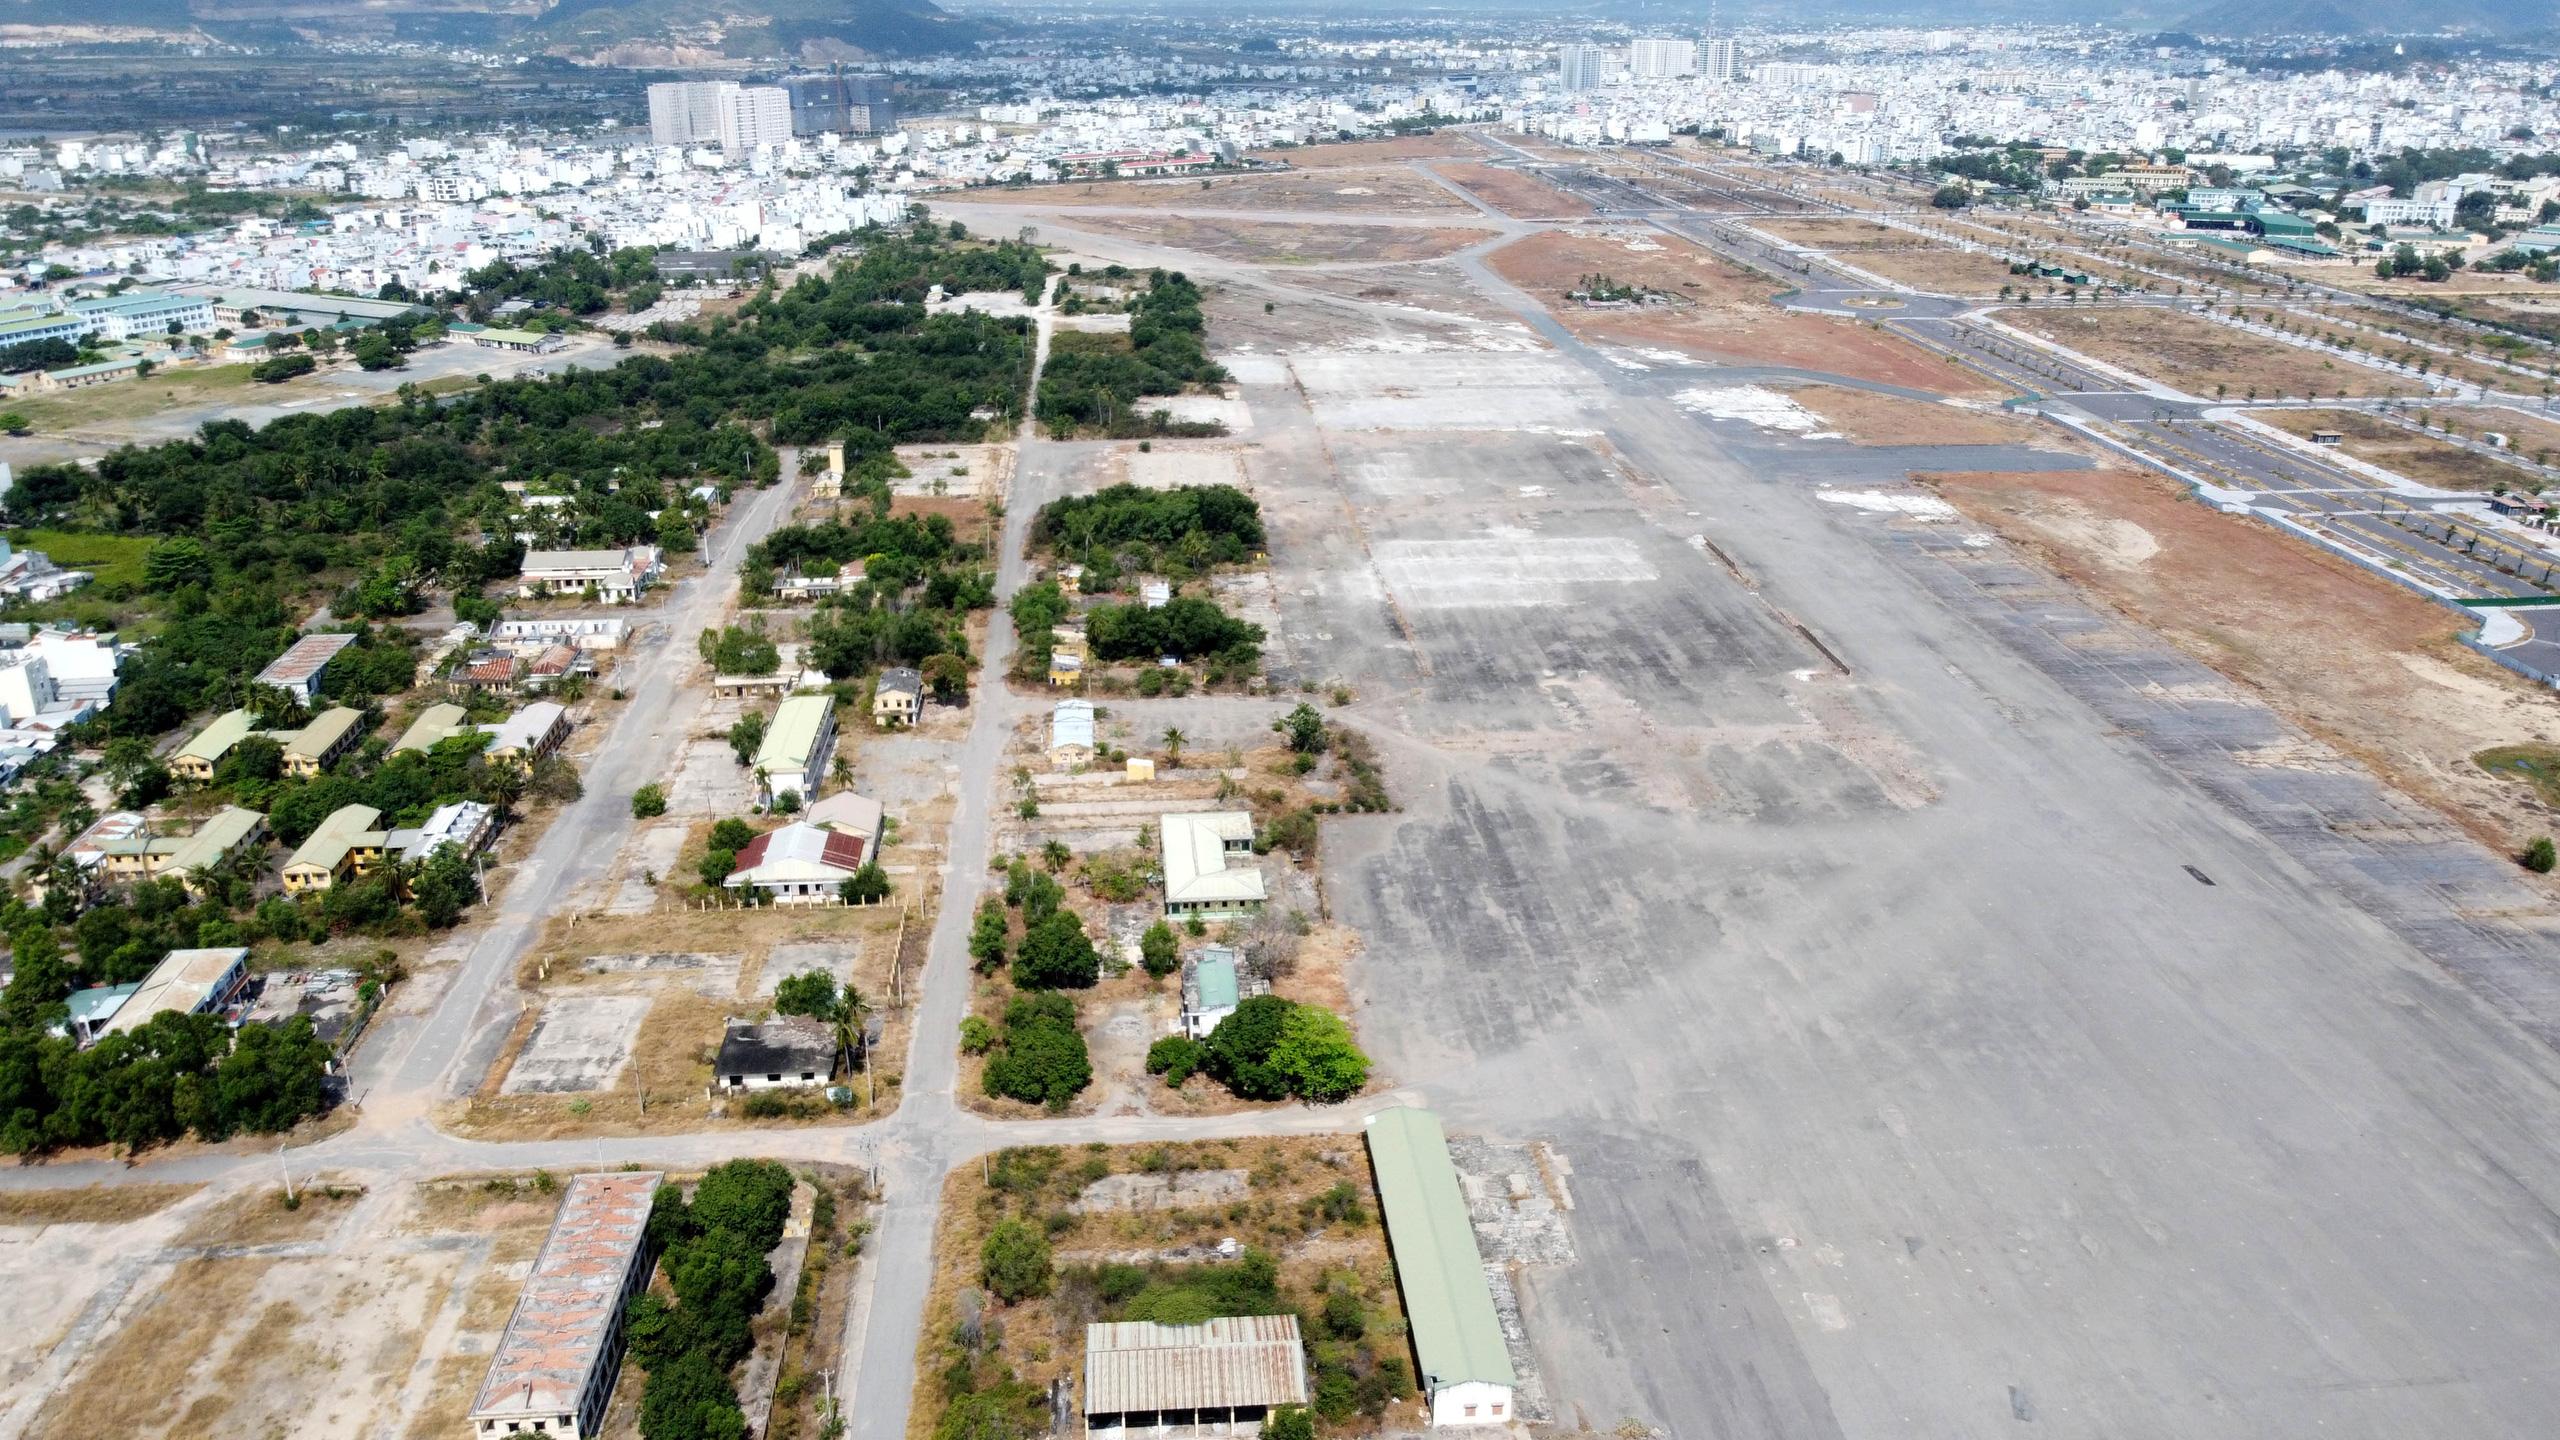 Cận cảnh khu đất sân bay Nha Trang cũ chuẩn bị đấu giá đất - Ảnh 3.